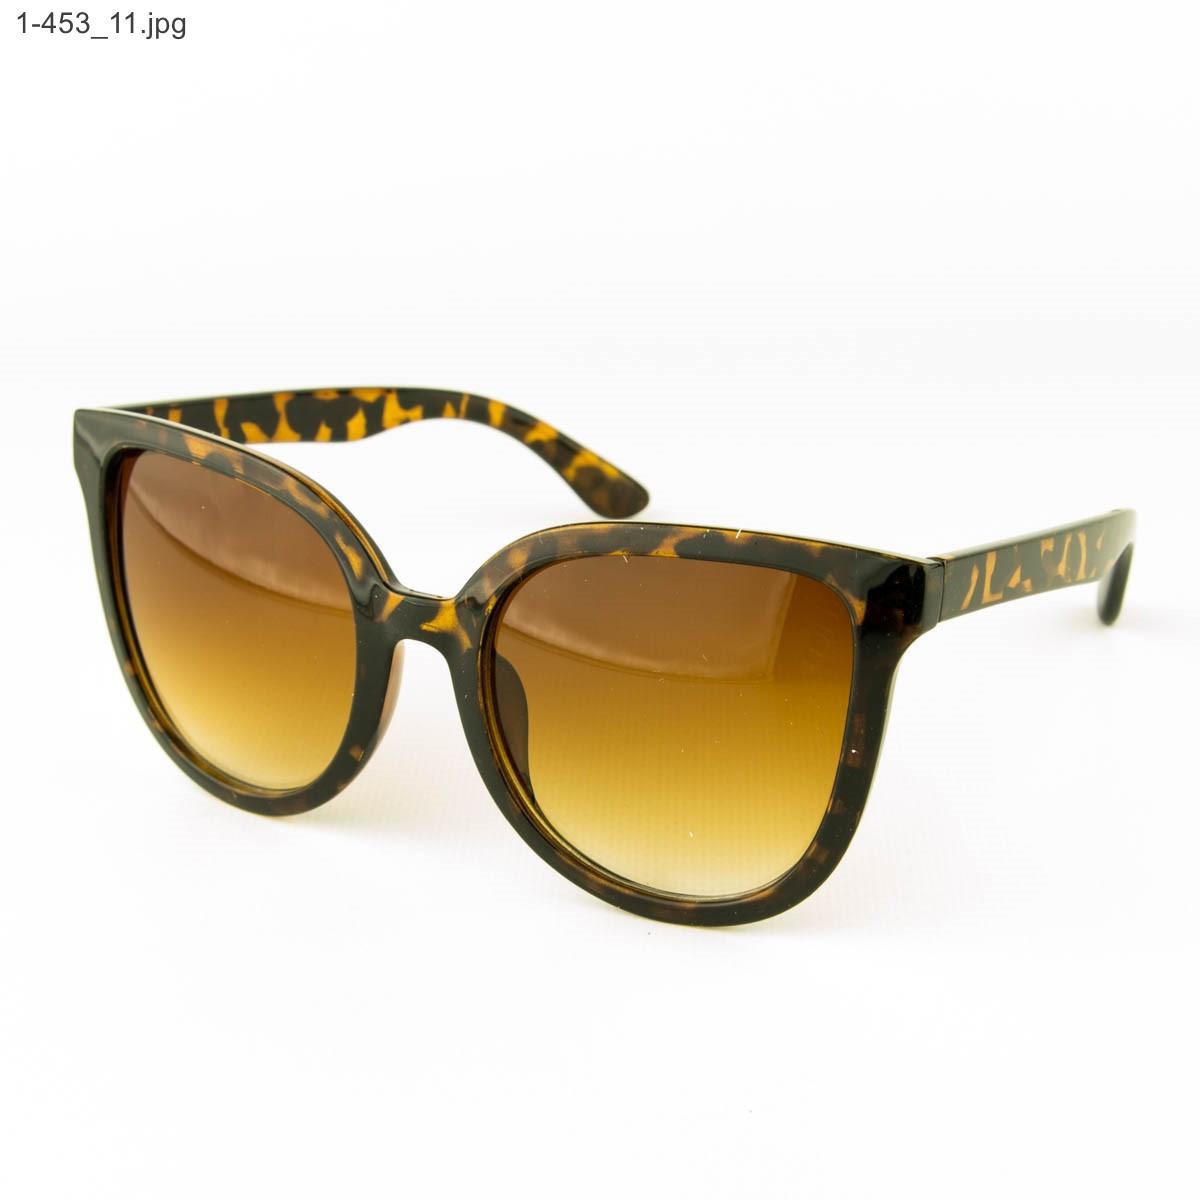 Оптом солнцезащитные женские очки - Леопардовые - 1-453